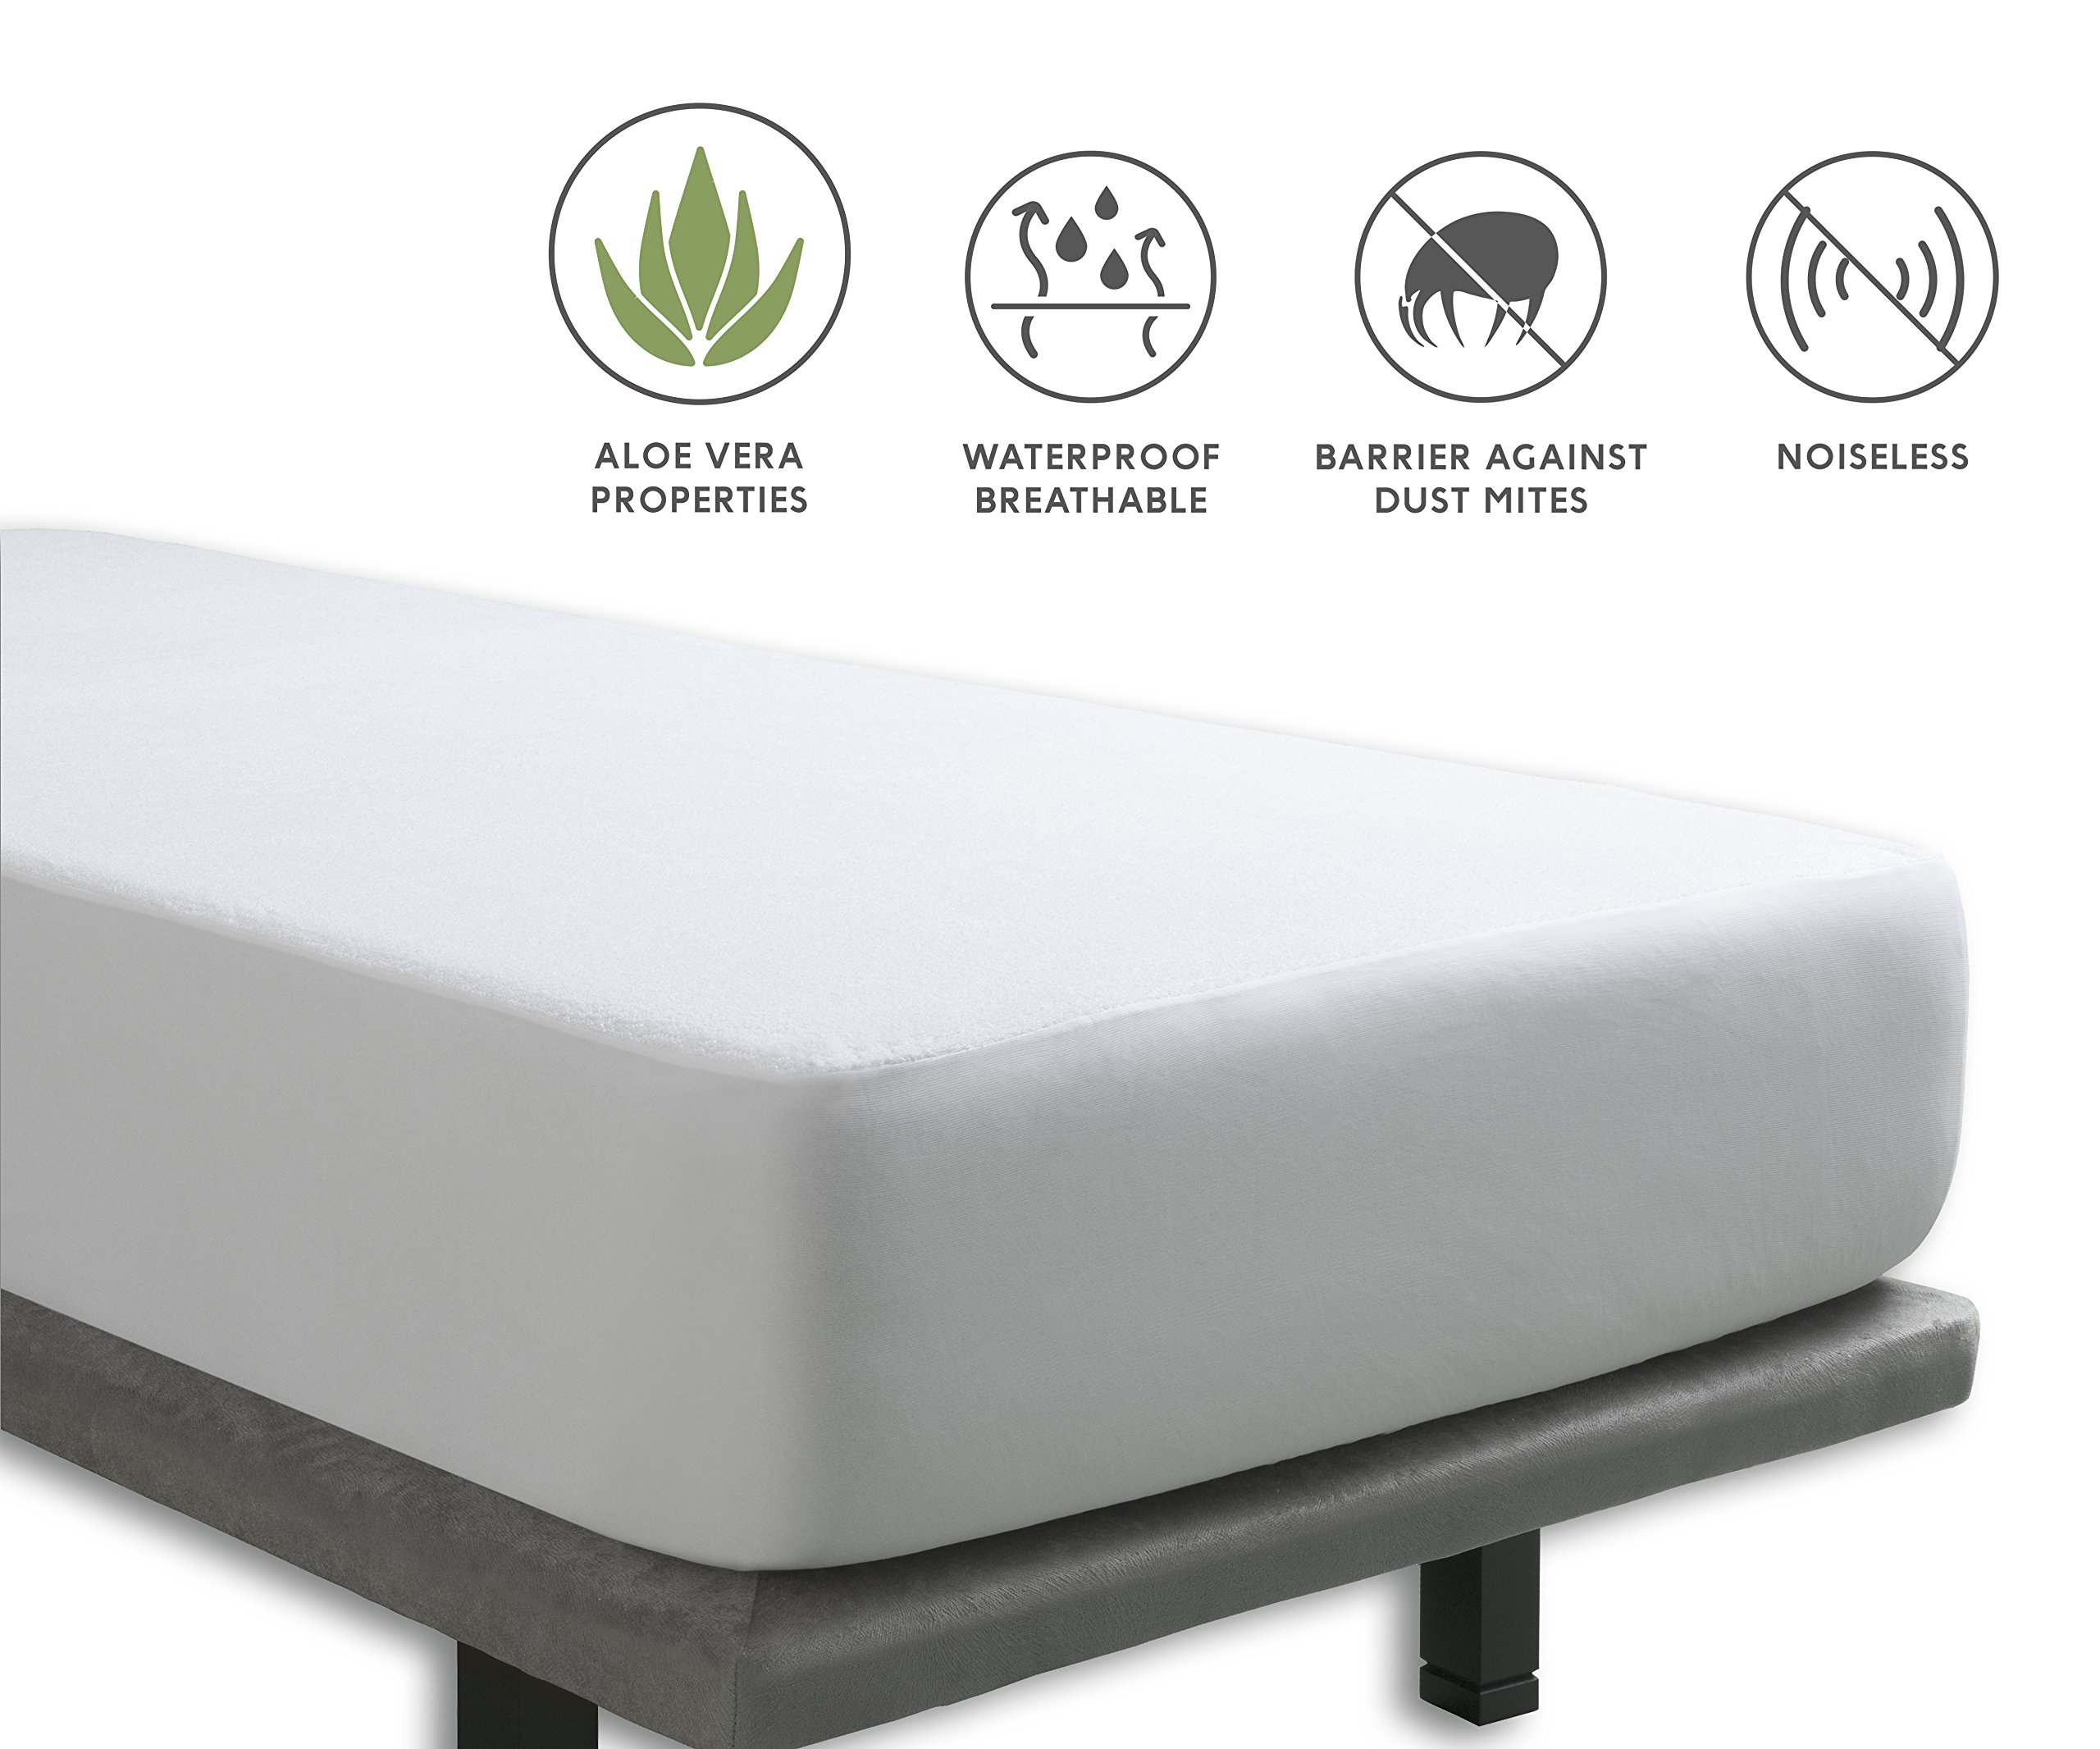 Tural – Protector de colchón Impermeable. Cubre colchon con Tratamiento Aloe Vera. Cubrecolchón Transpirable